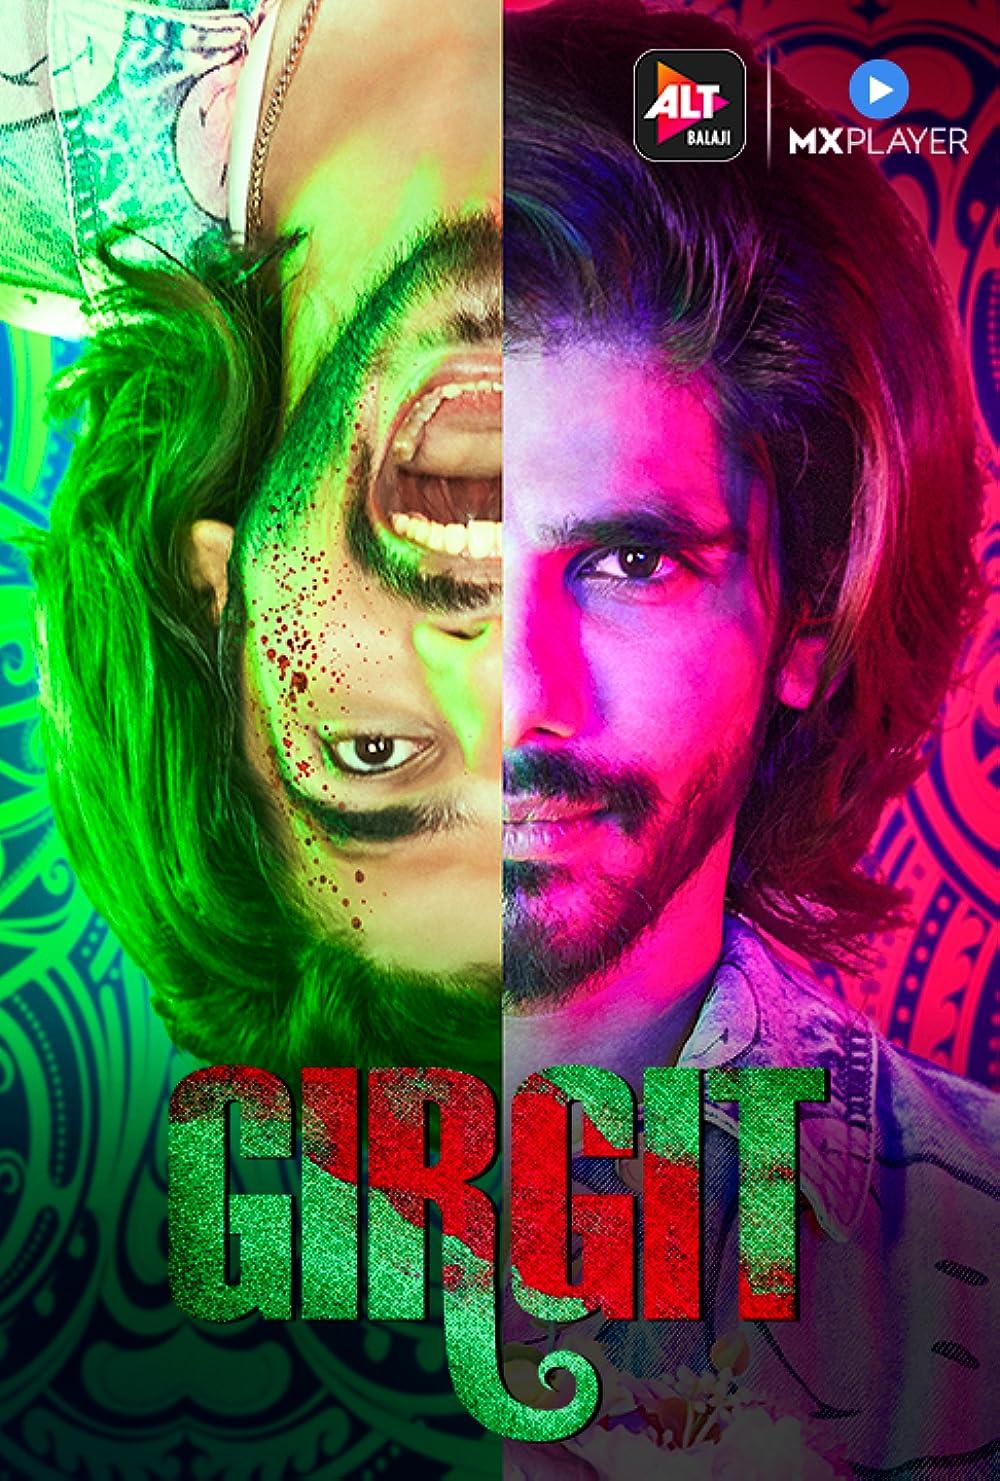 Download Girgit 2021 S01 Hindi MX Original Complete Web Series 480p HDRip 550MB